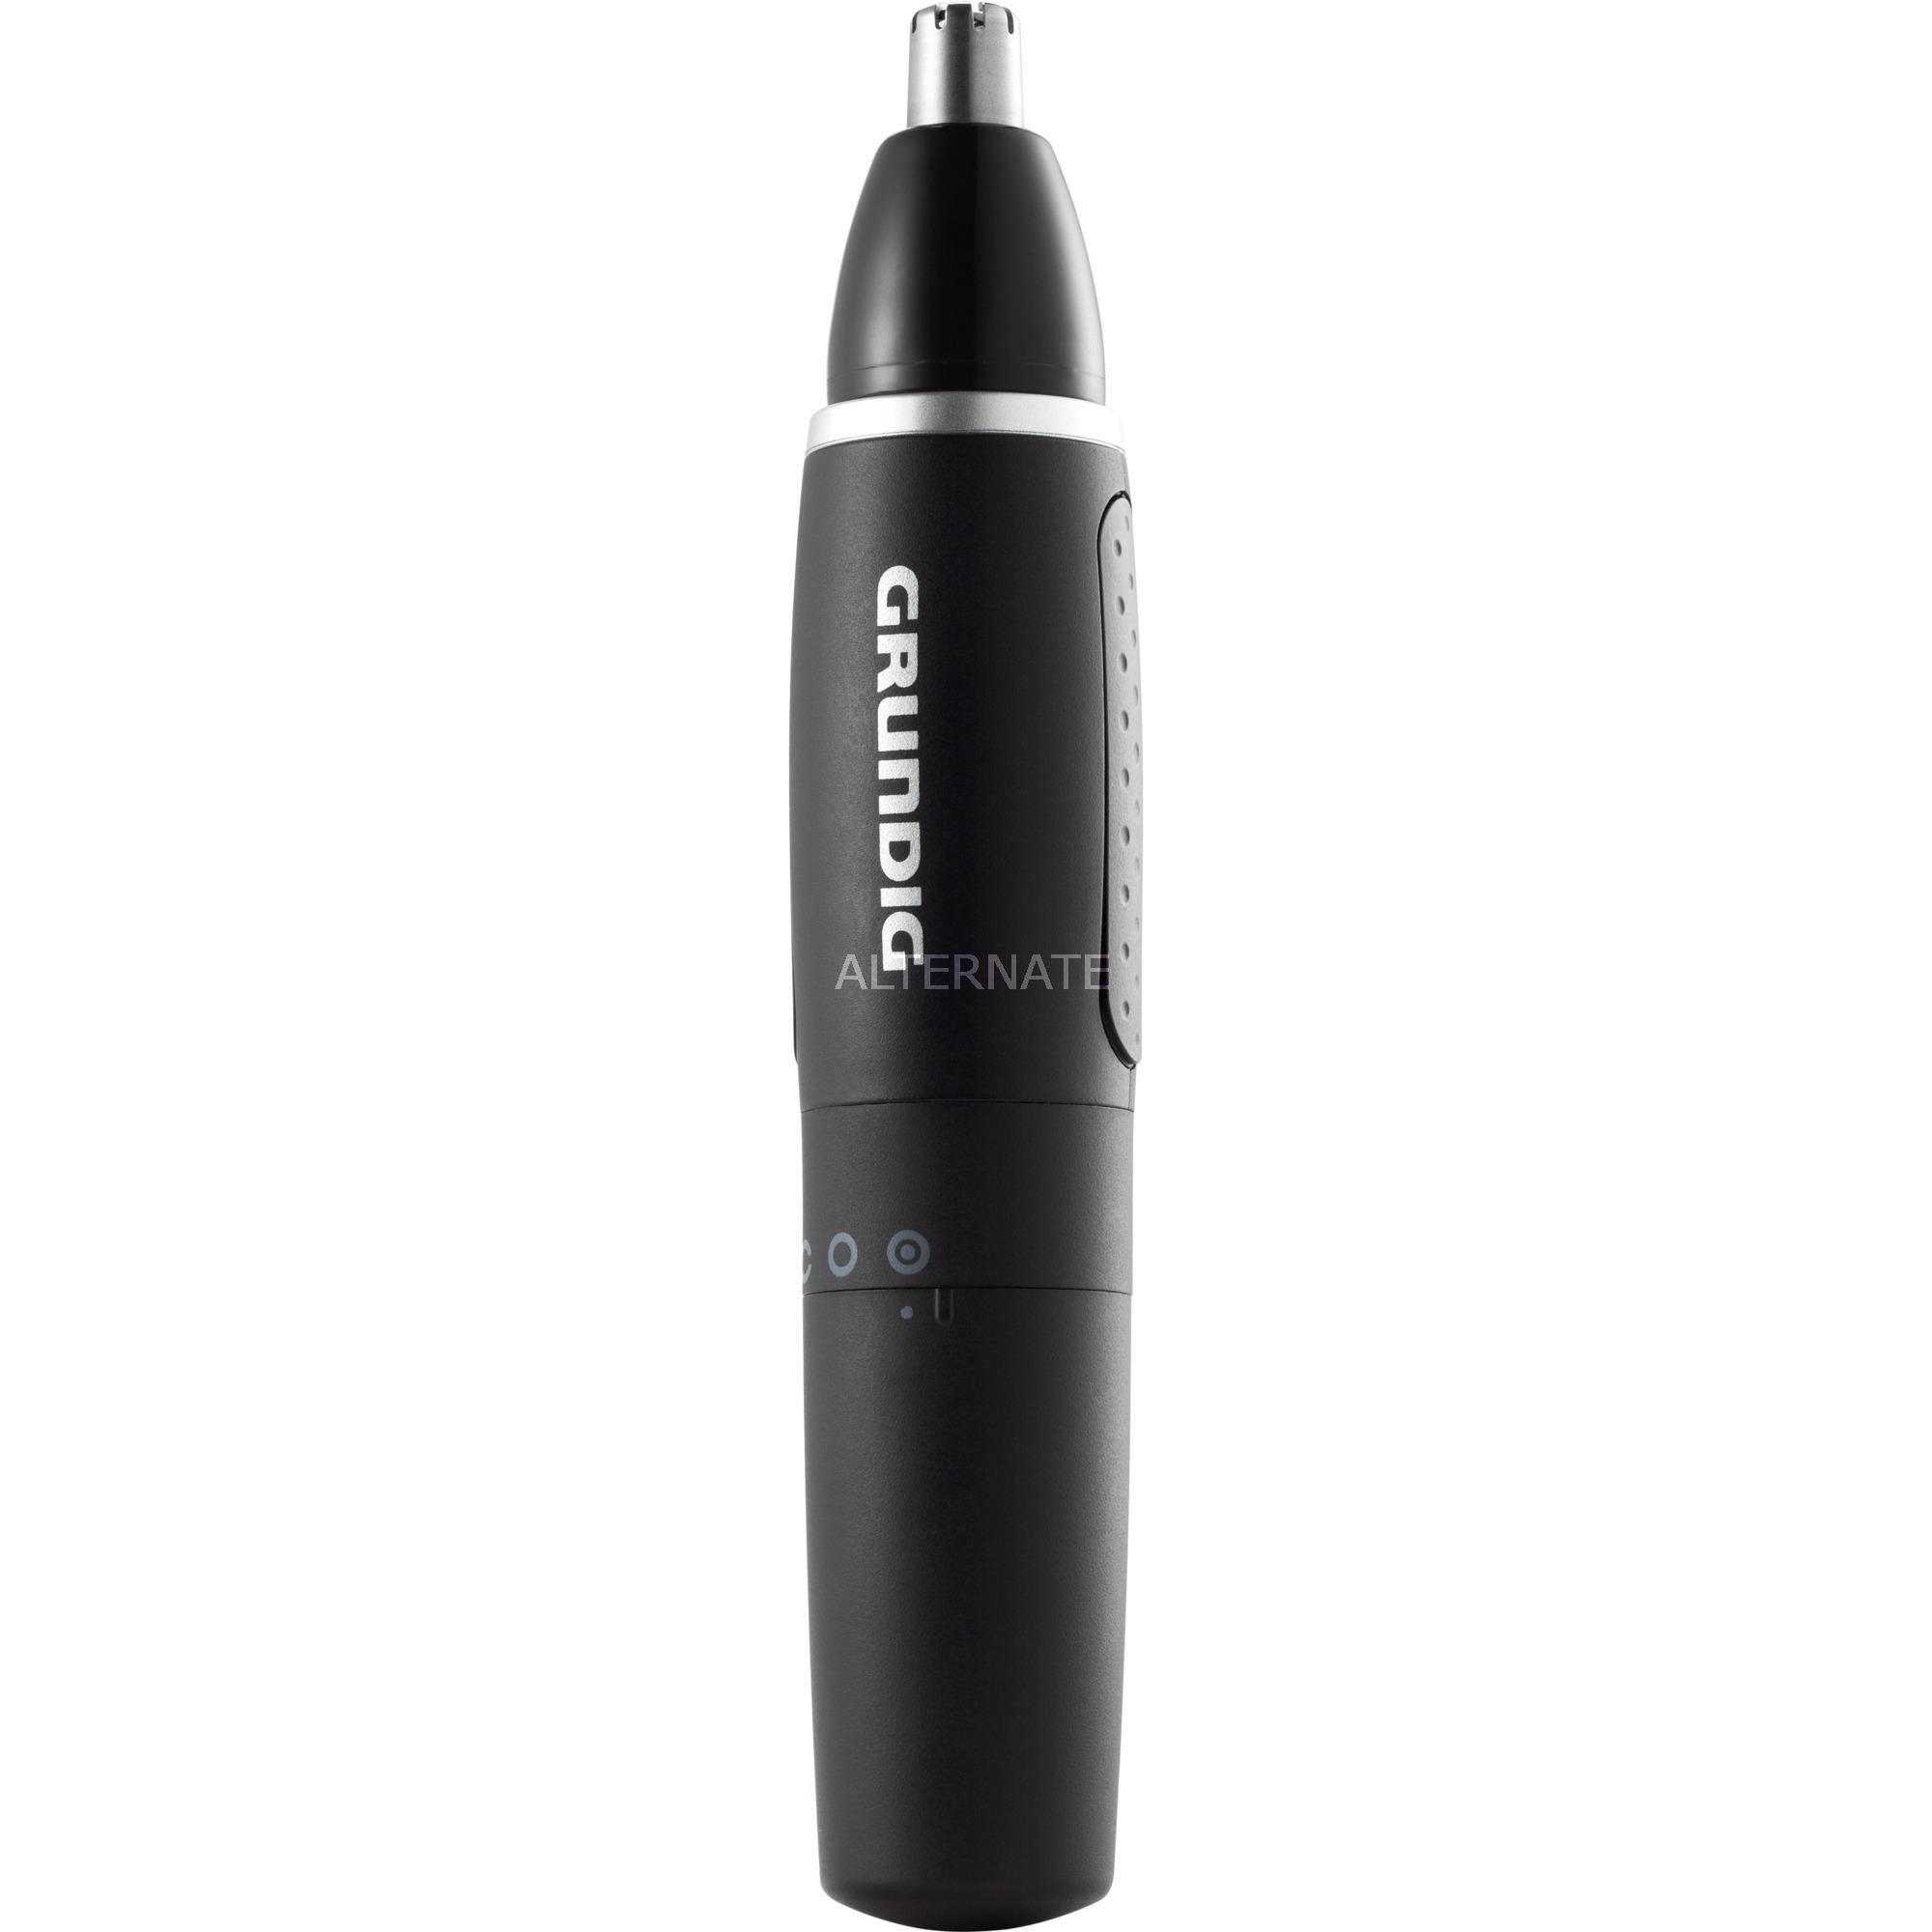 MT 5810 depiladora de precisión Negro, Plata, Cortapelos de nariz /oreja